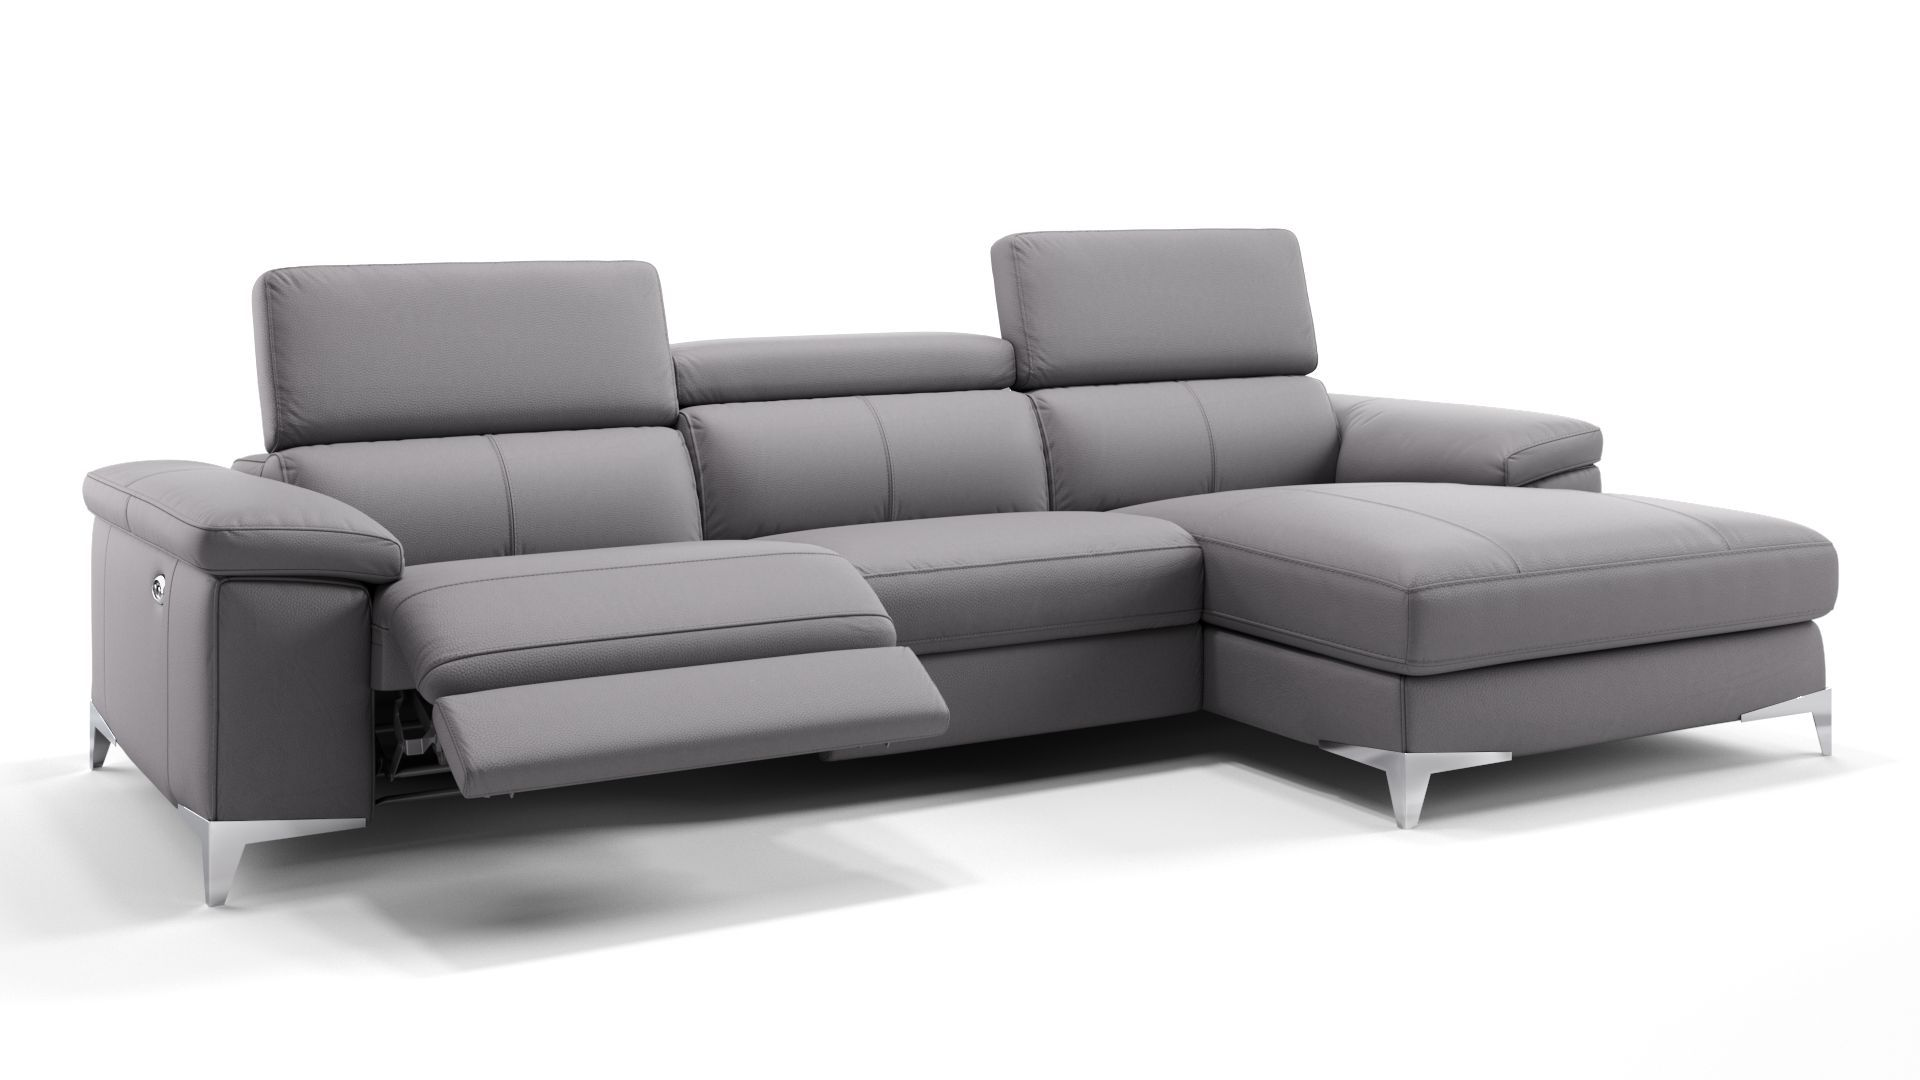 Faszinierend Couch Relaxfunktion Dekoration Von Details Elektrische Per Knopfdruck Am äußeren Sitz